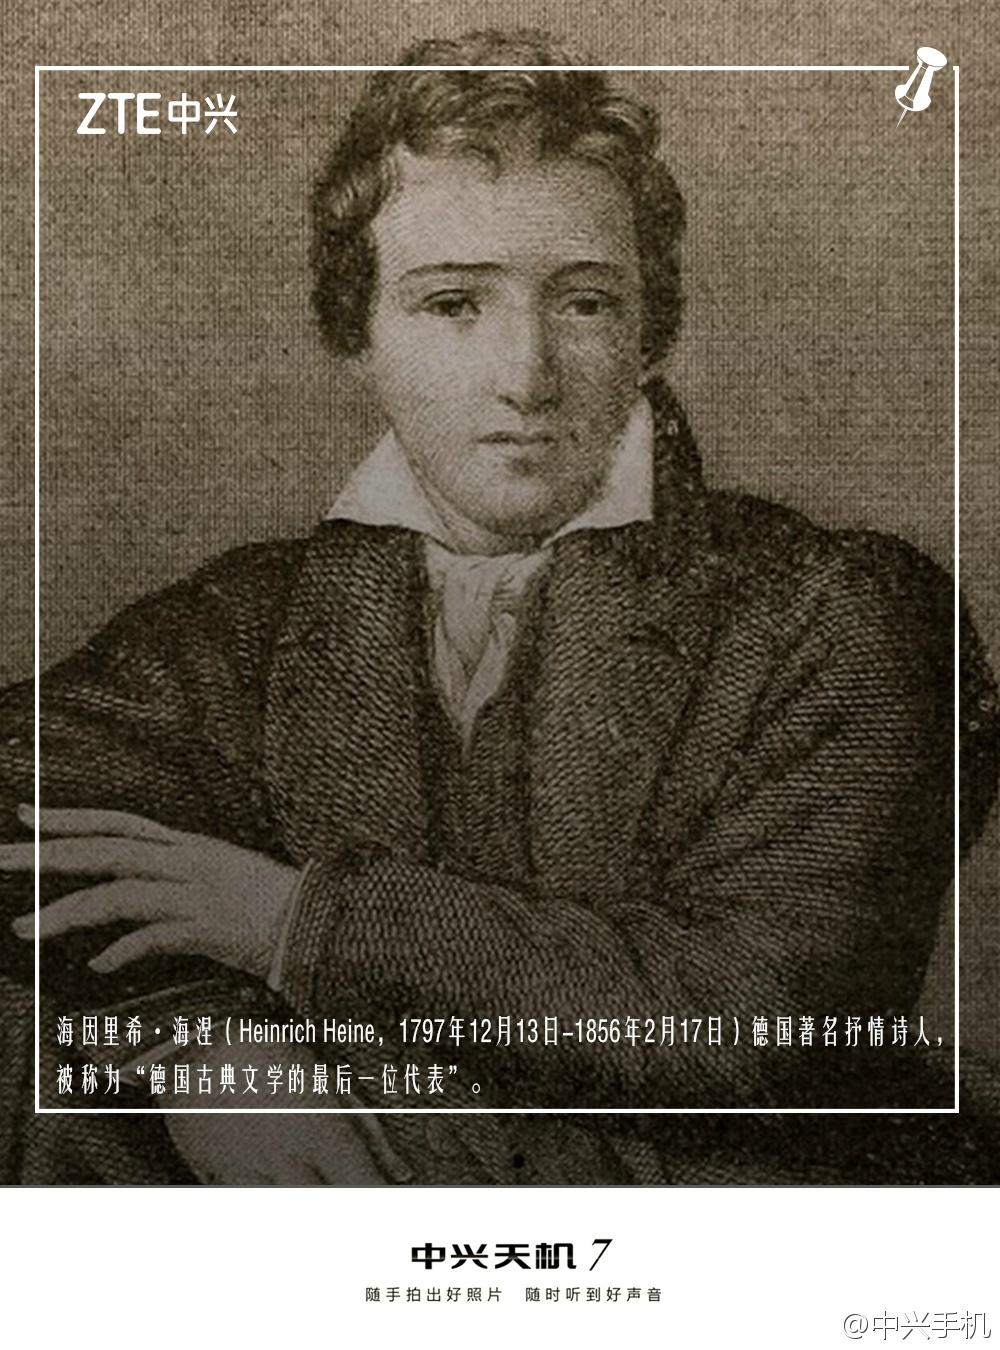 海因里希·海涅,德国著名抒情诗人和散文家